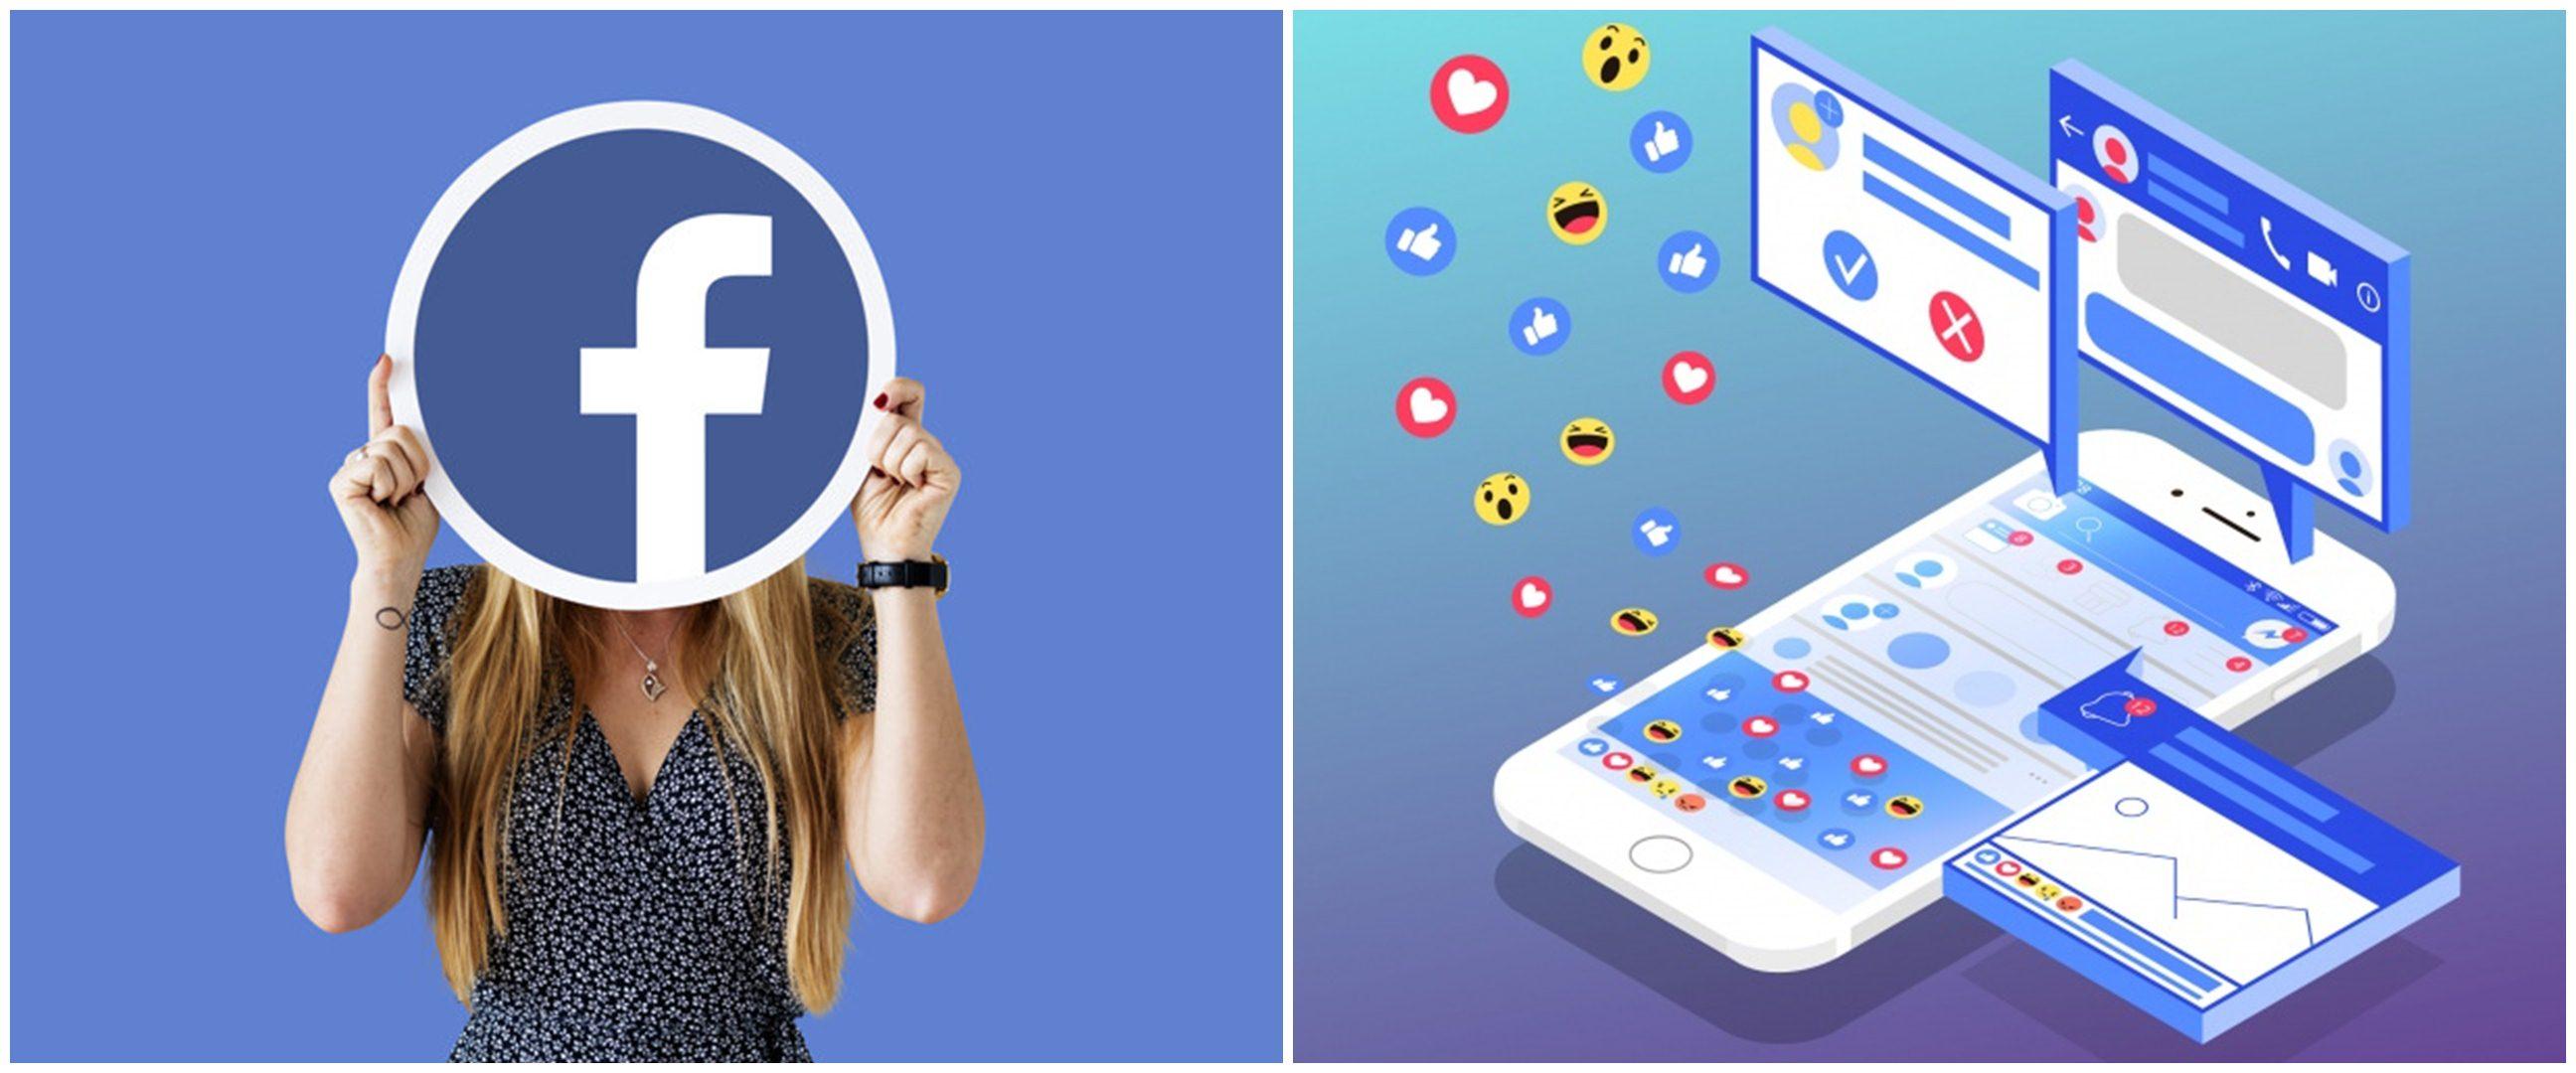 Tool terbaru Facebook lindungi privasi & cara mengaktifkannya